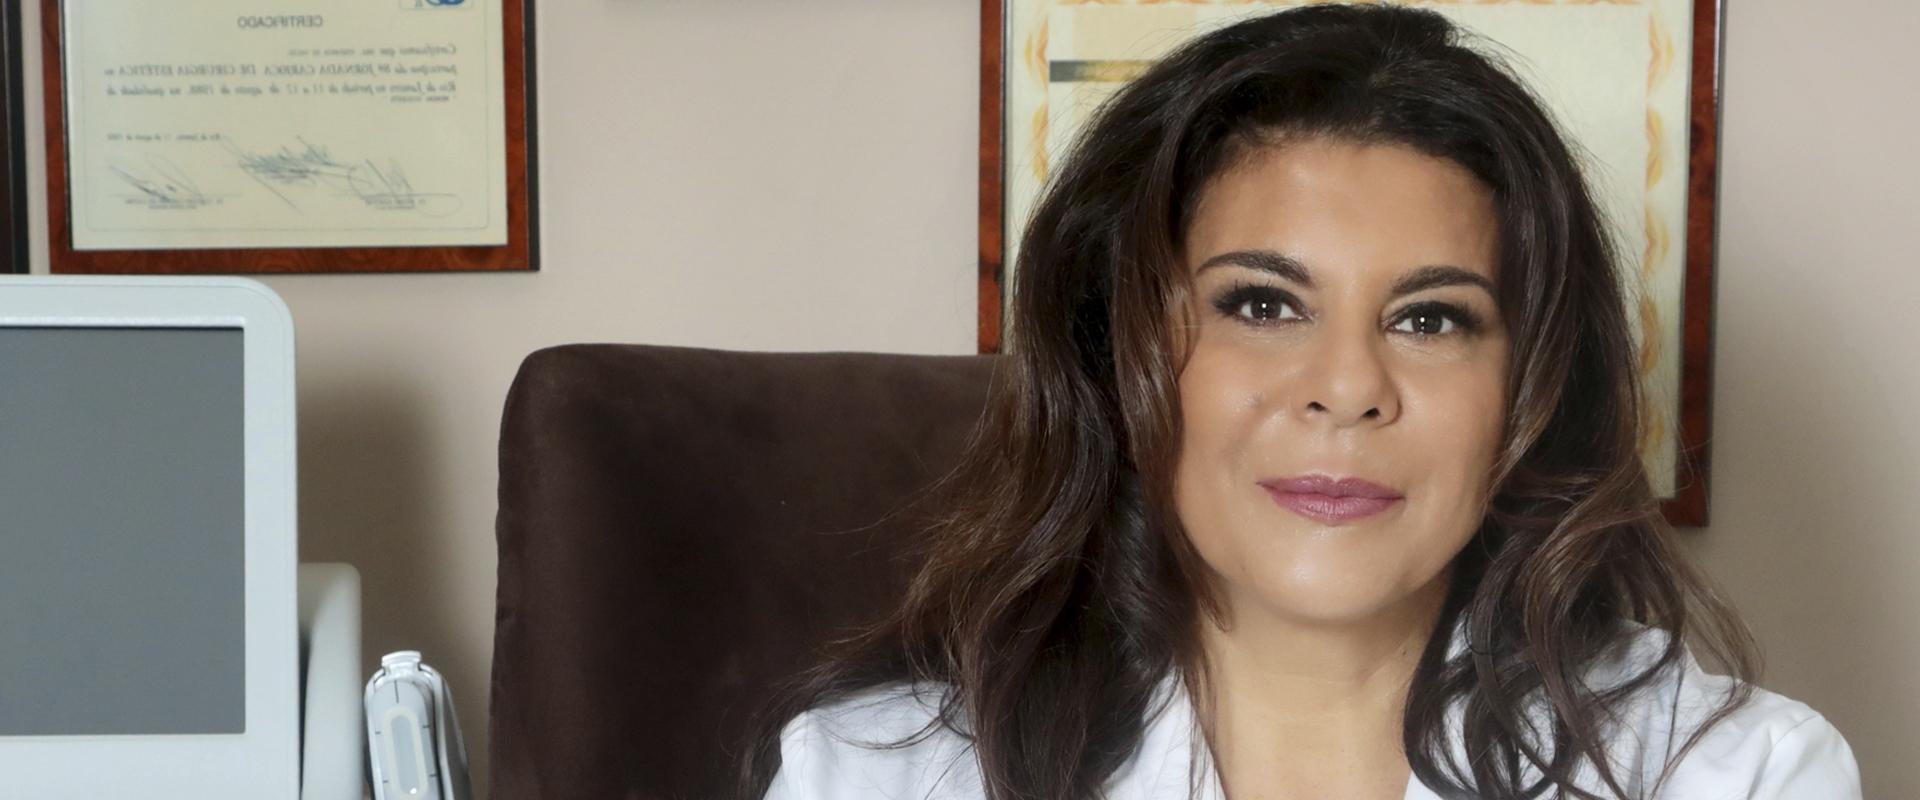 Subcision guidata: novità contro la pelle a buccia d'arancia